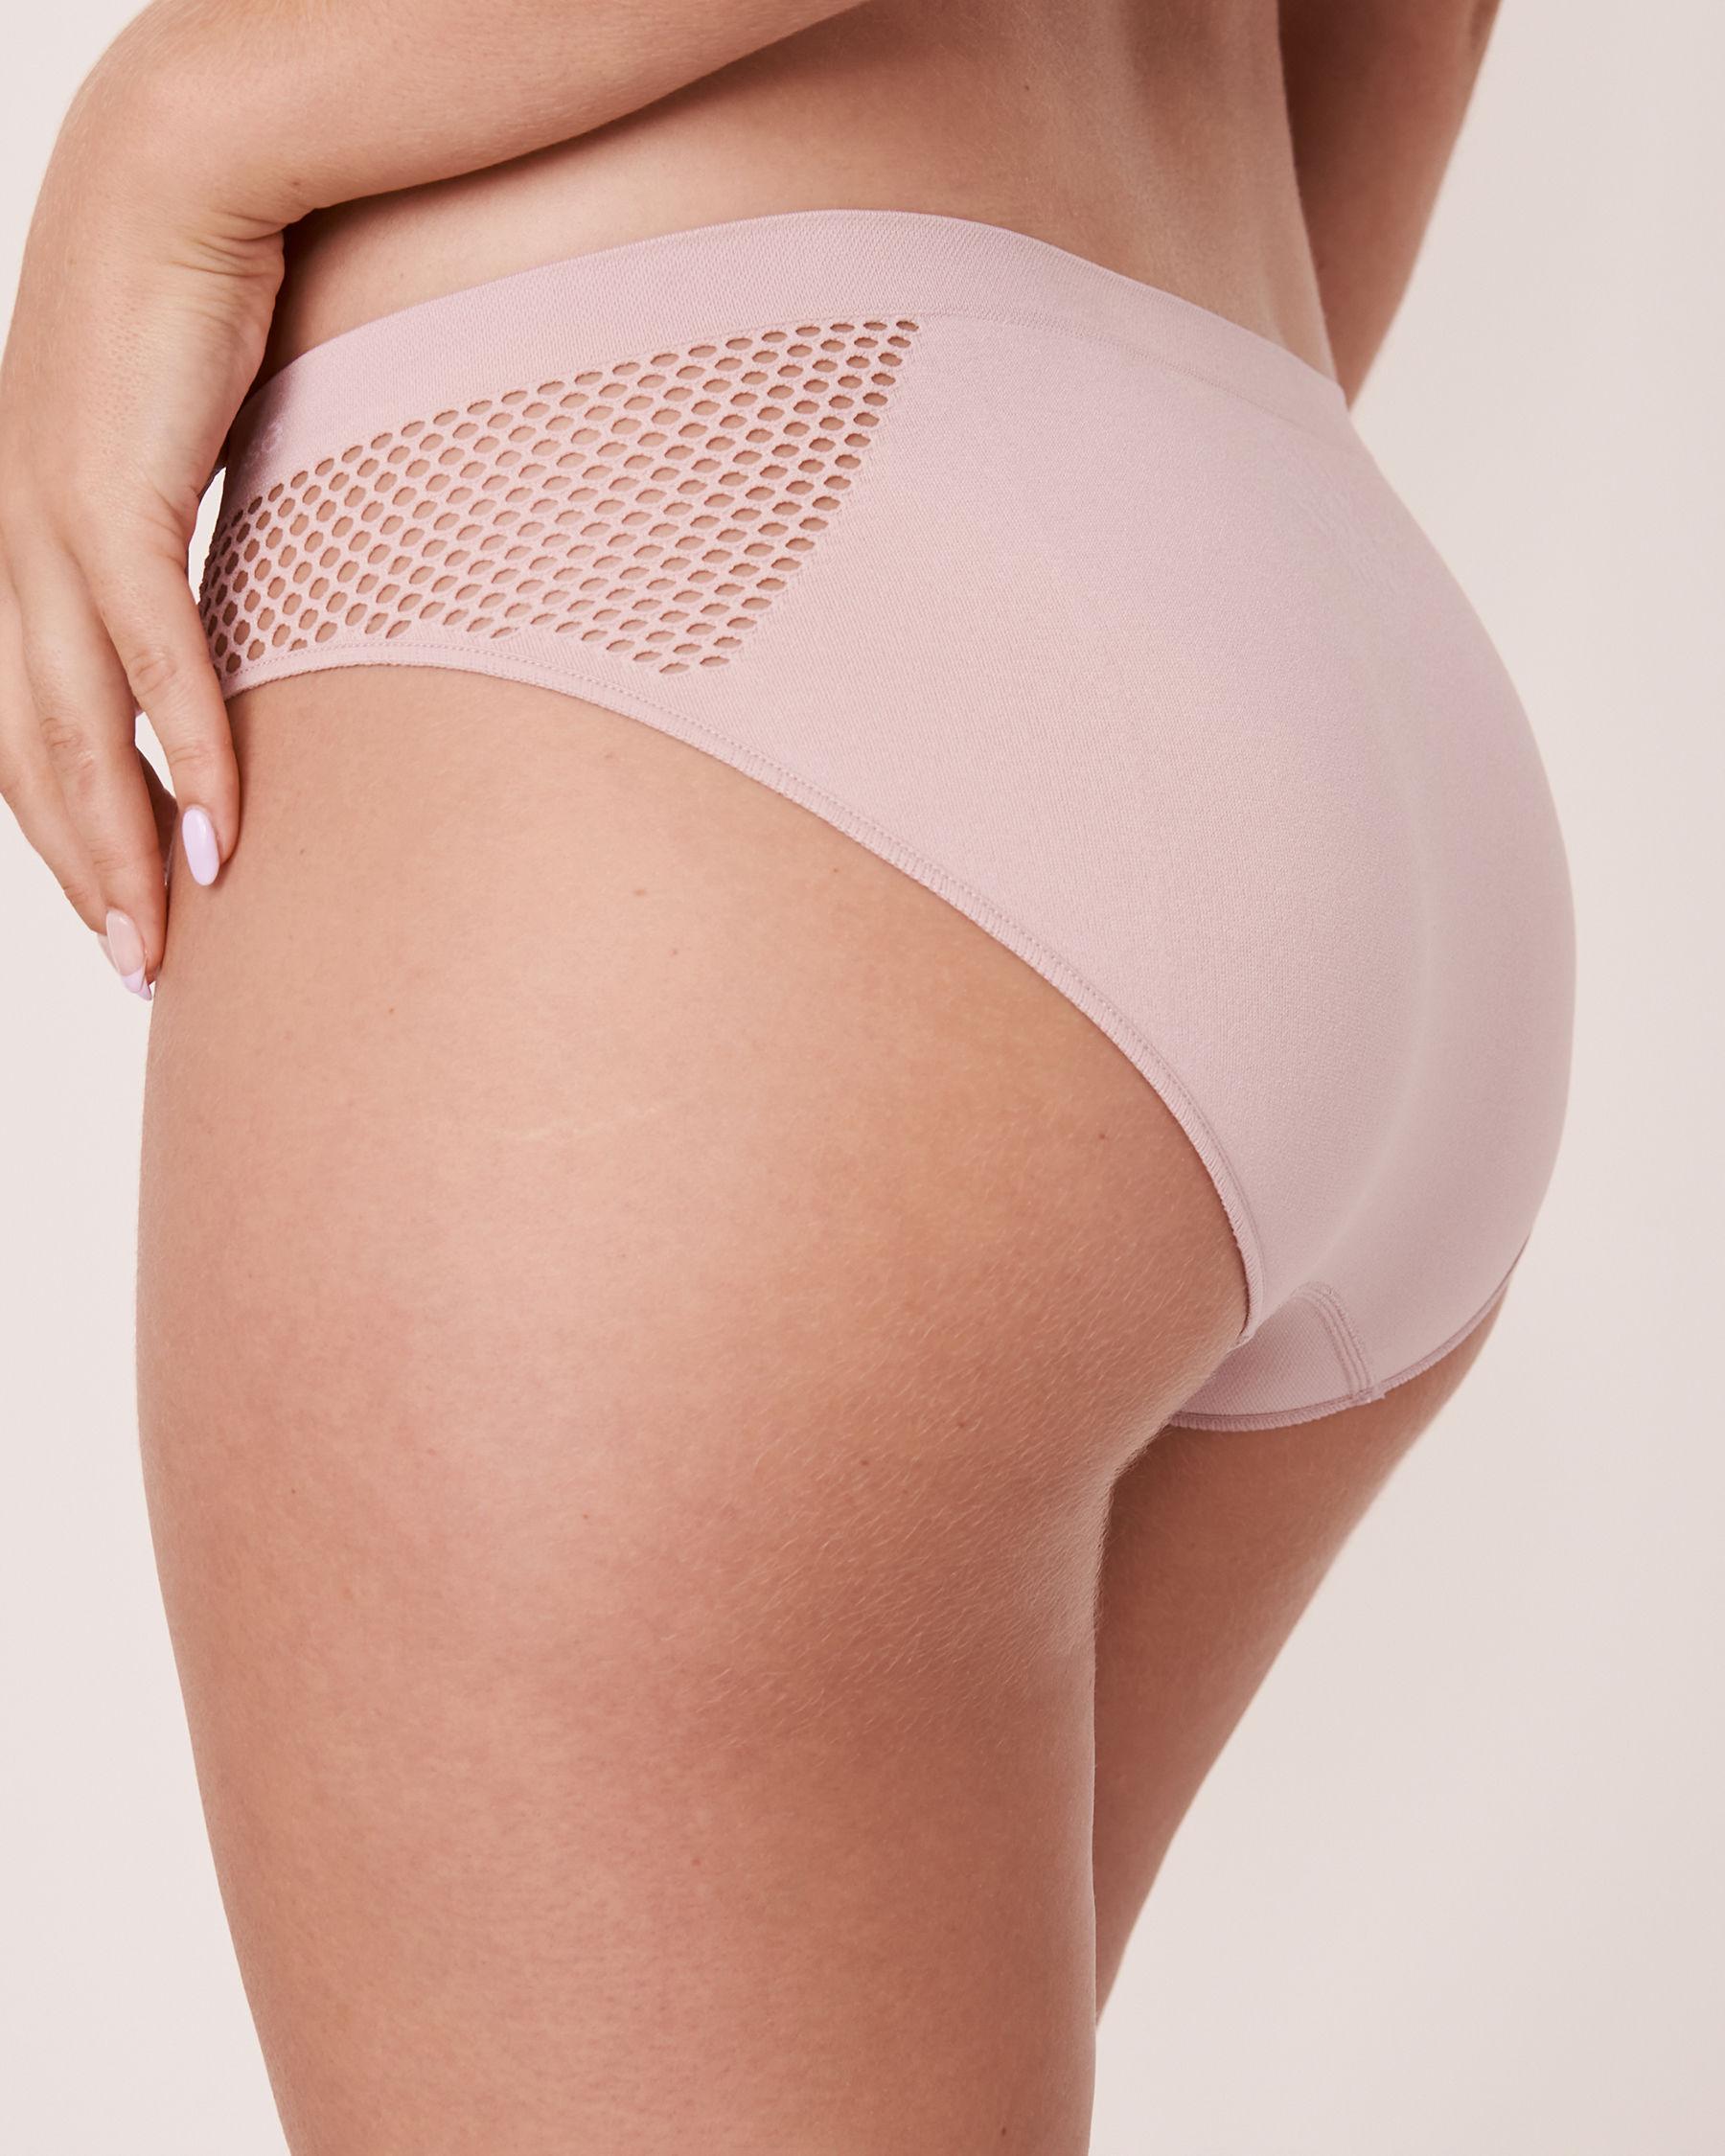 LA VIE EN ROSE Seamless Bikini Panty Lilac 20200084 - View2